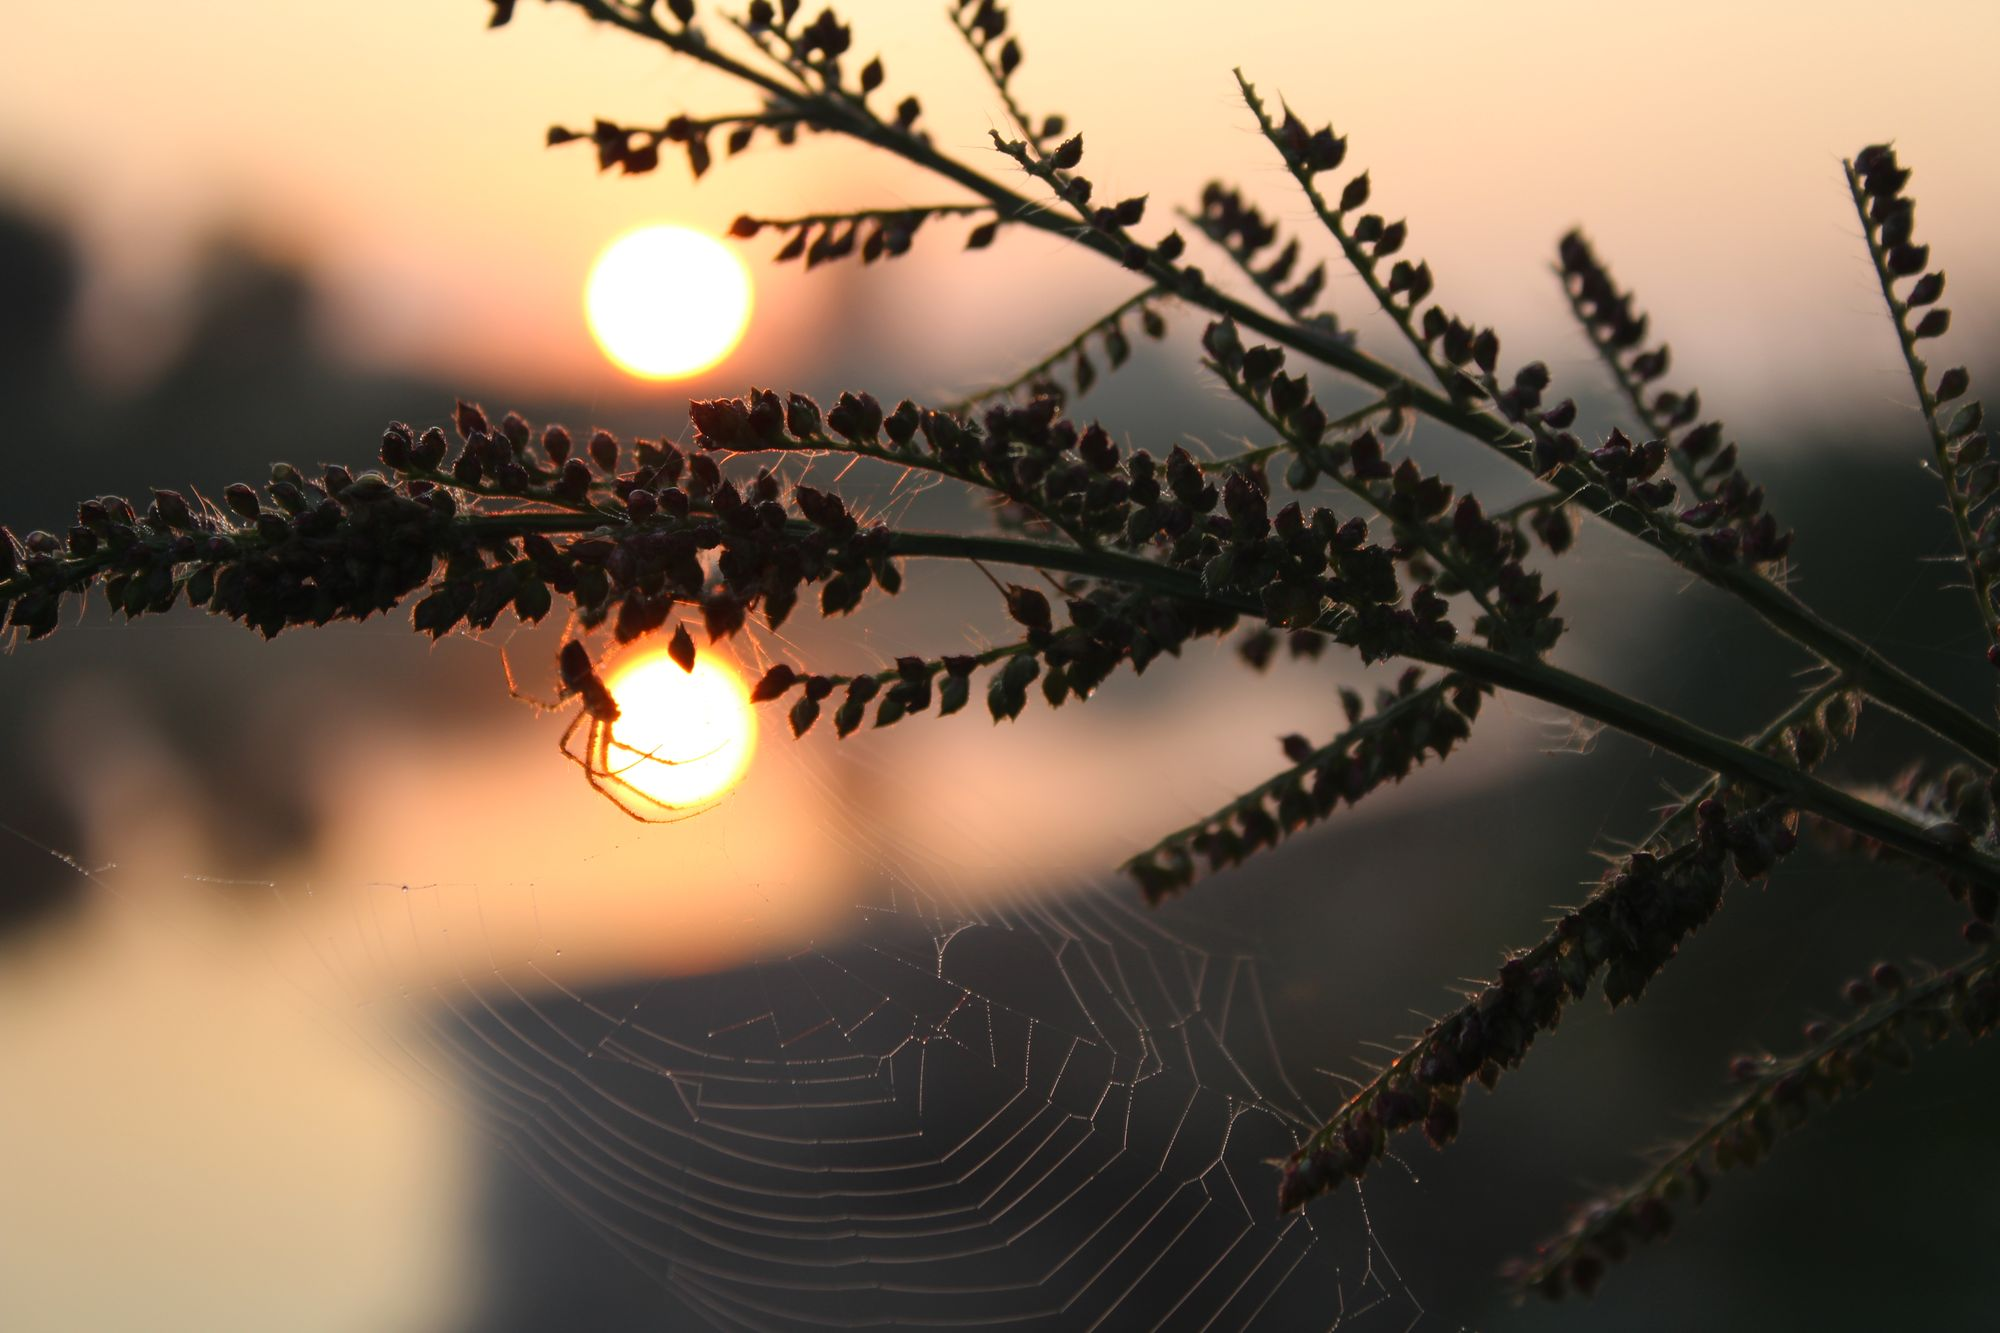 Фантастичний осінній світанок на Бахмаччині (Фото)